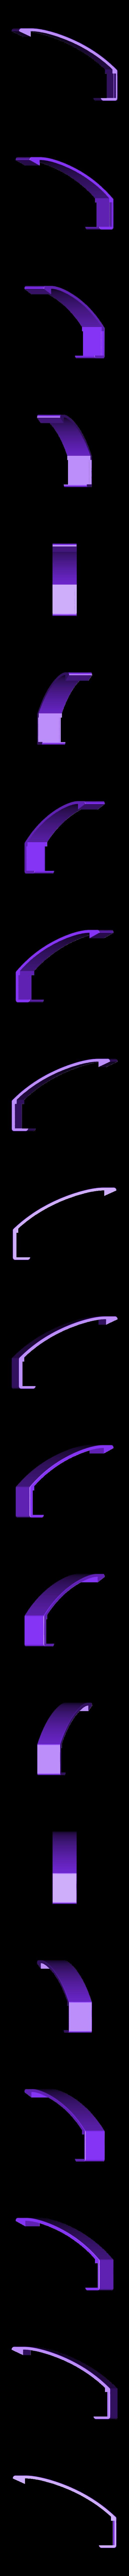 HolderLeft.stl Download free STL file snap on headset holder for LG Flatron E2411 • 3D print model, a69291954